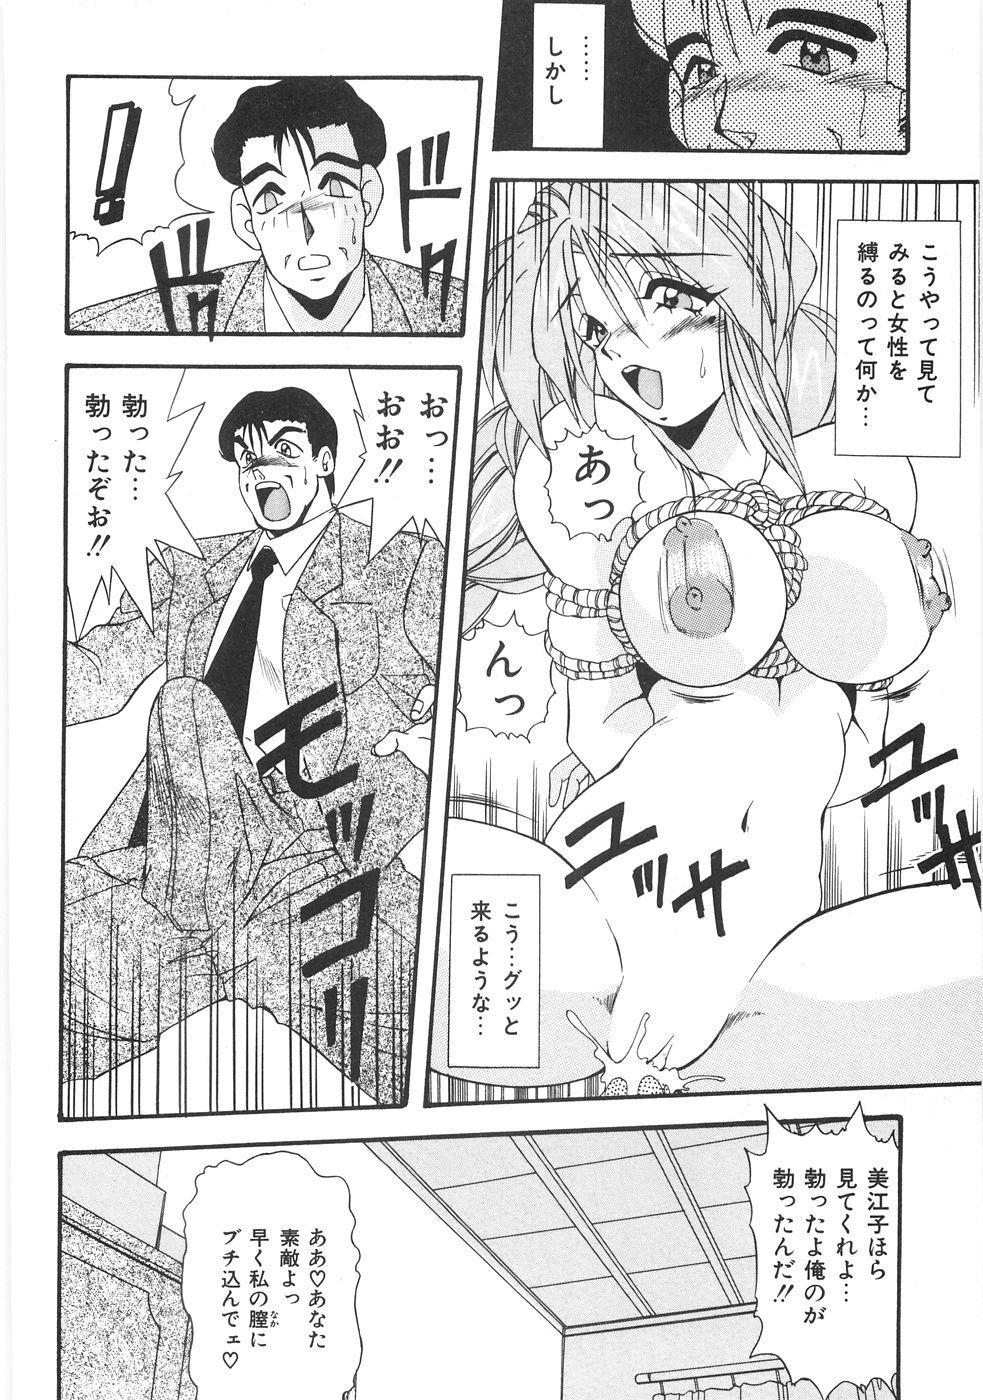 Seifuku Zukan Tenshi no Mitsugi 95